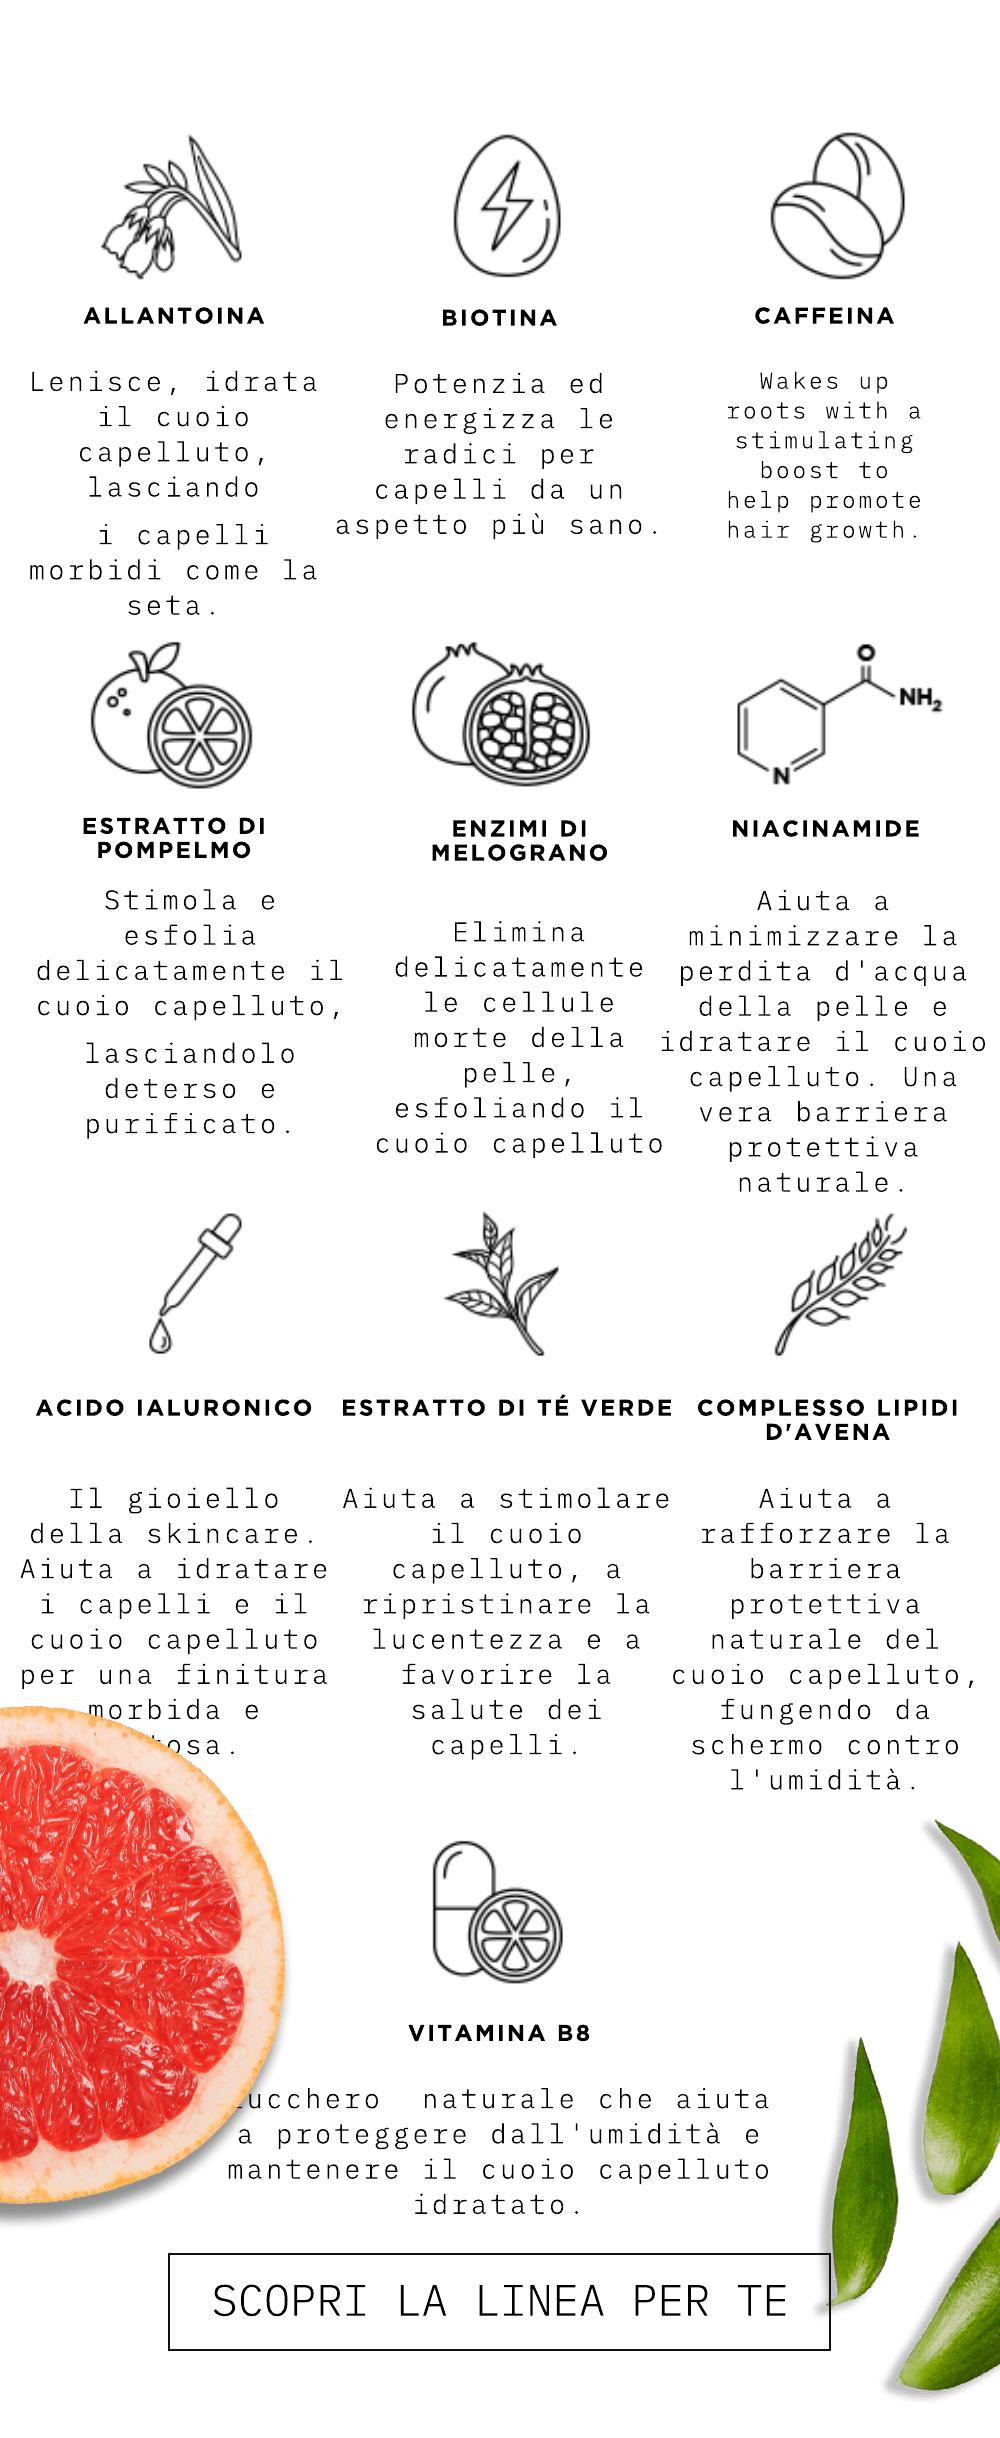 Ingredienti Naturali: Allatoina, Biotina, Caffeina, Estratto Di Pompelmo, Estratto di Tè Verde, Acido Ialuronico, Niacinamide, Complesso Lipidi D'Avena, Enzimi di Melograno, Vitamina B8